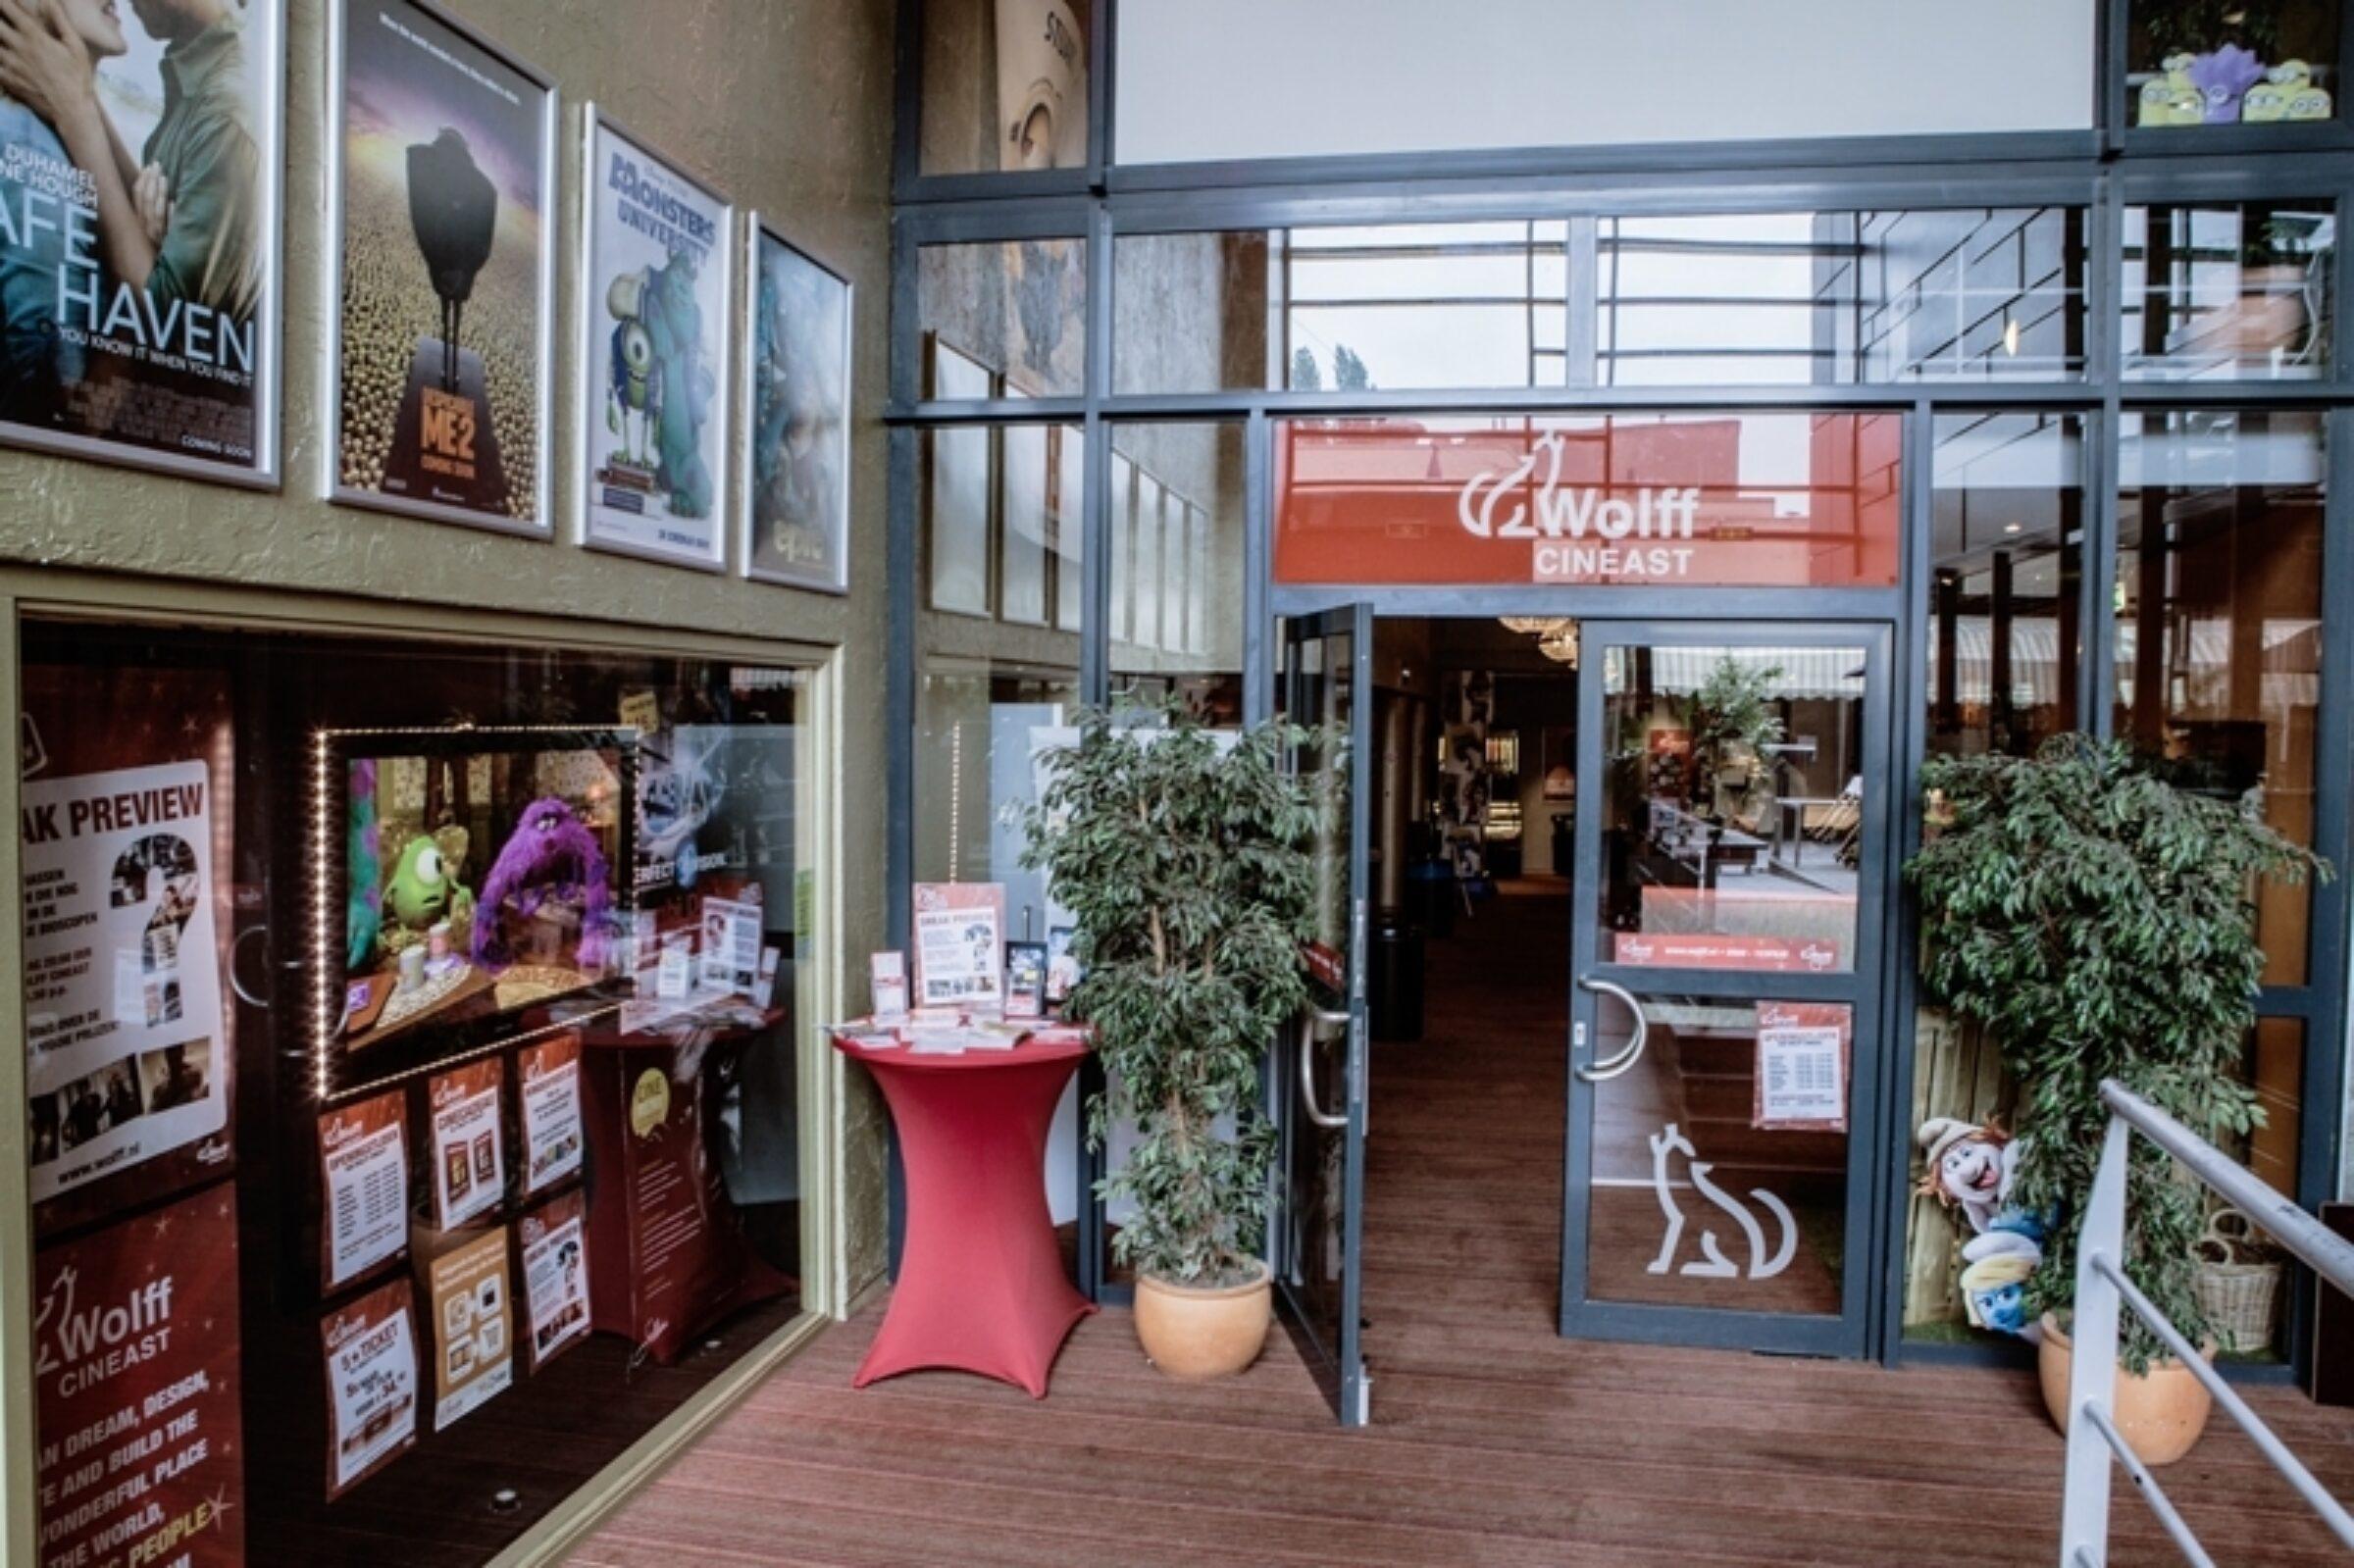 Cineast Enschede